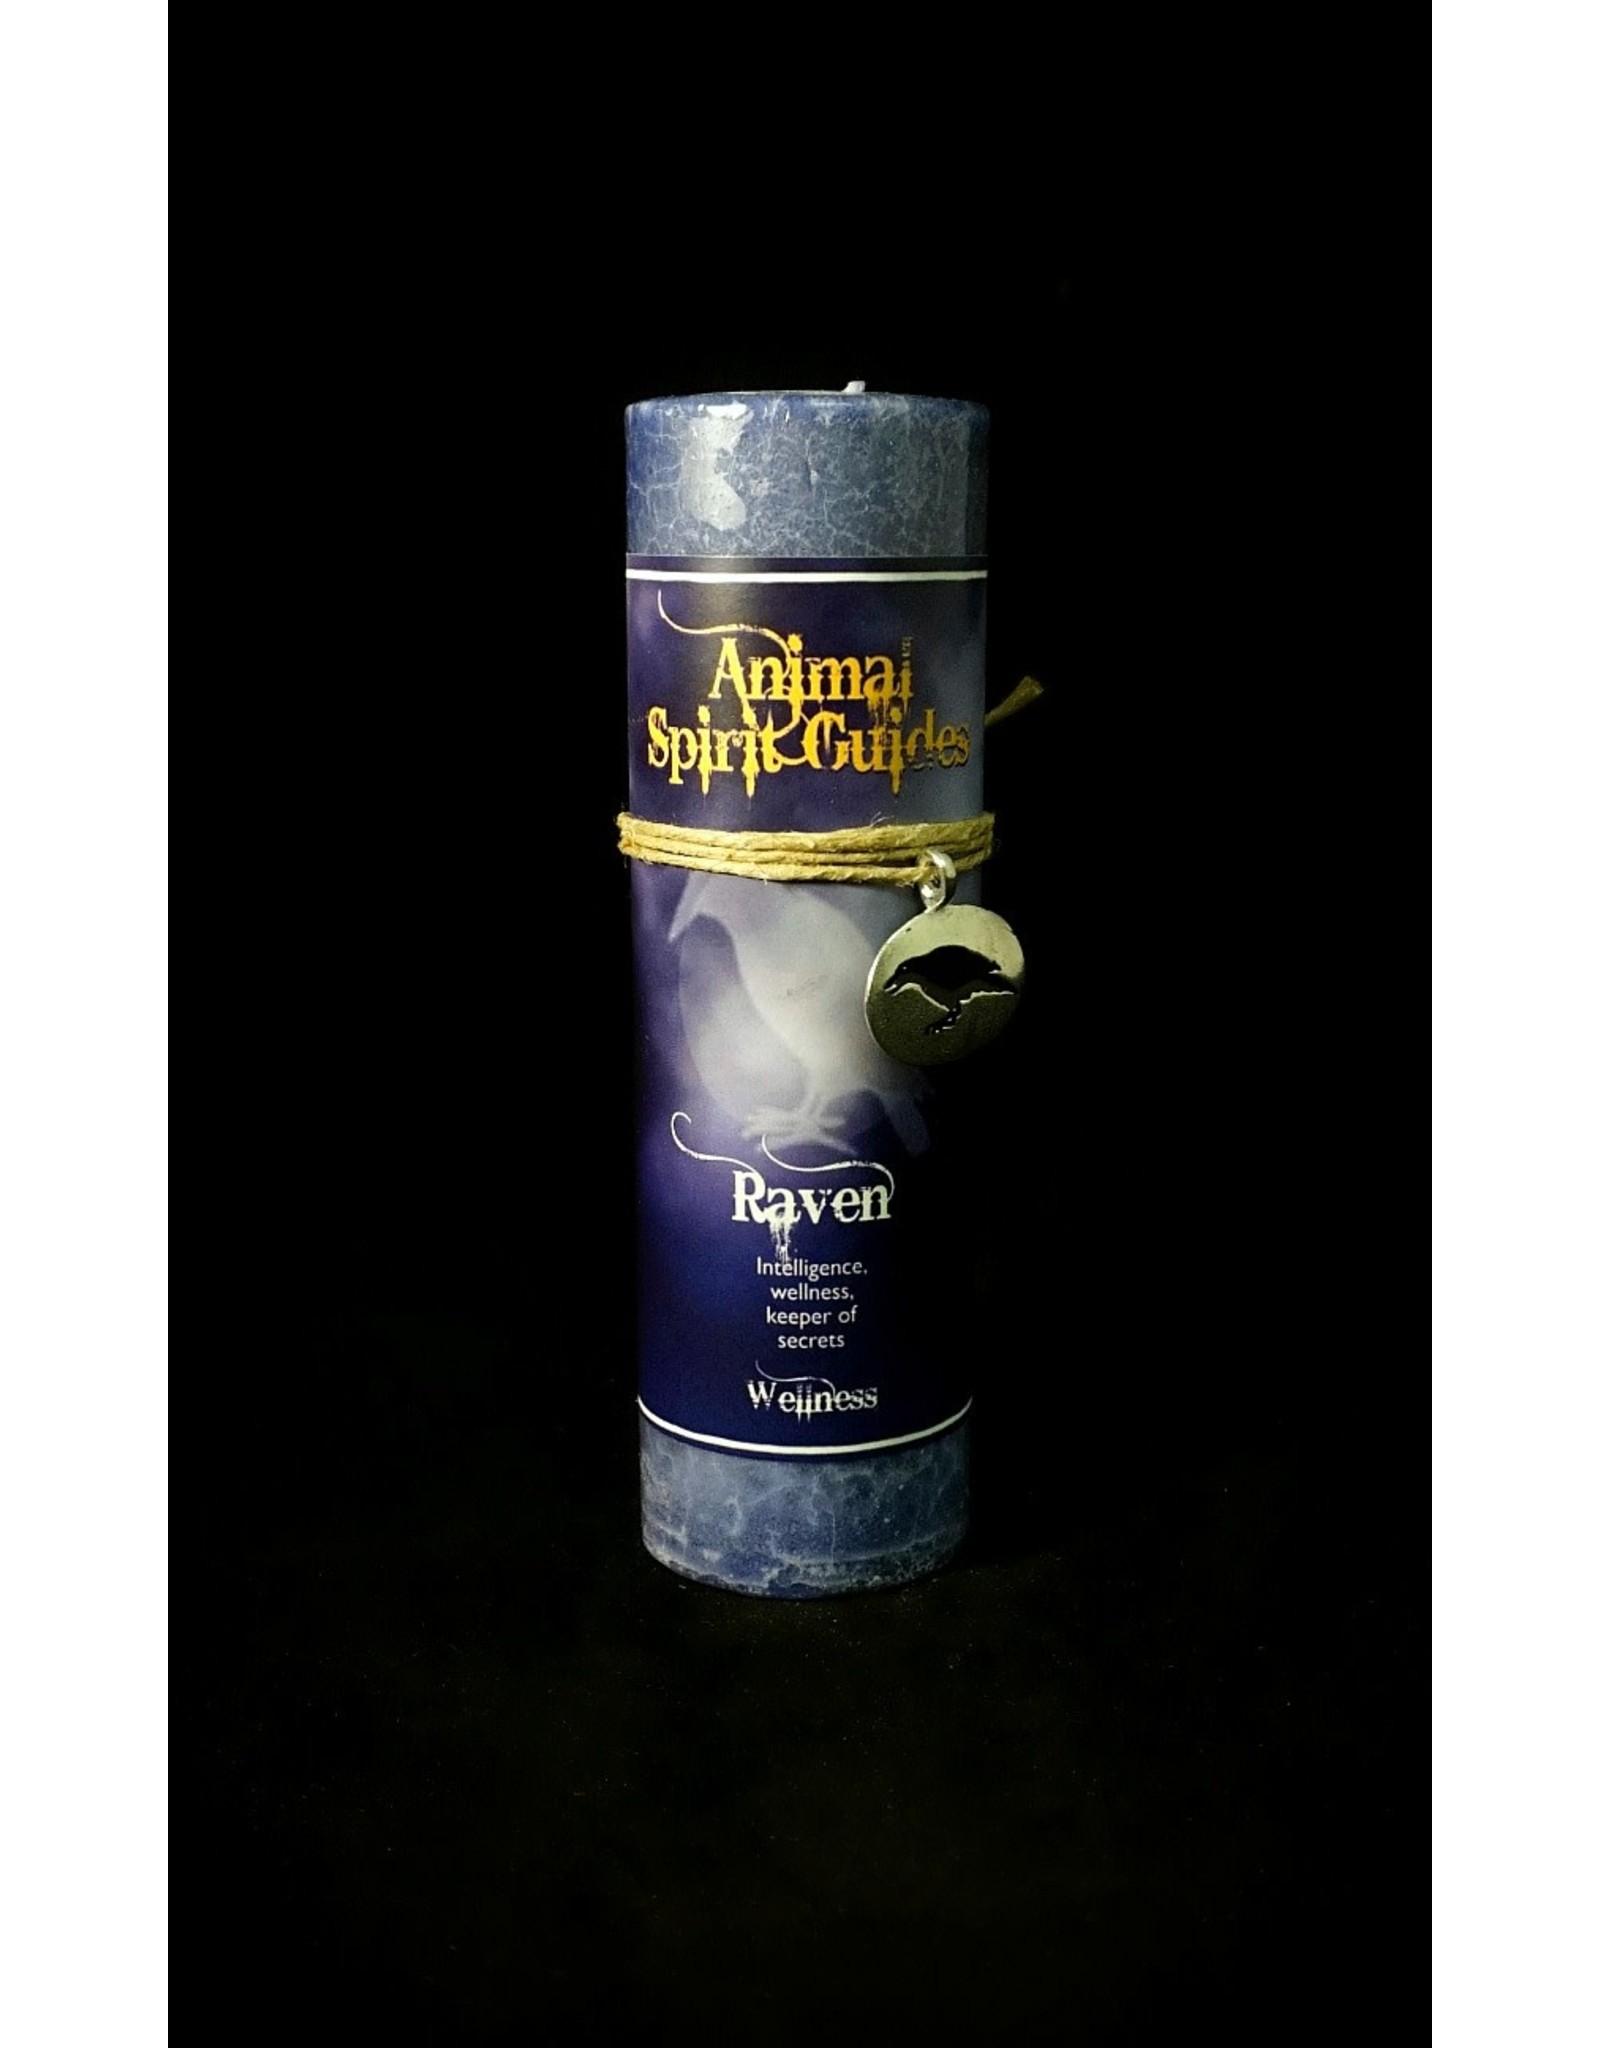 Animal Spirit Guide Pewter Pendant Candle - Raven